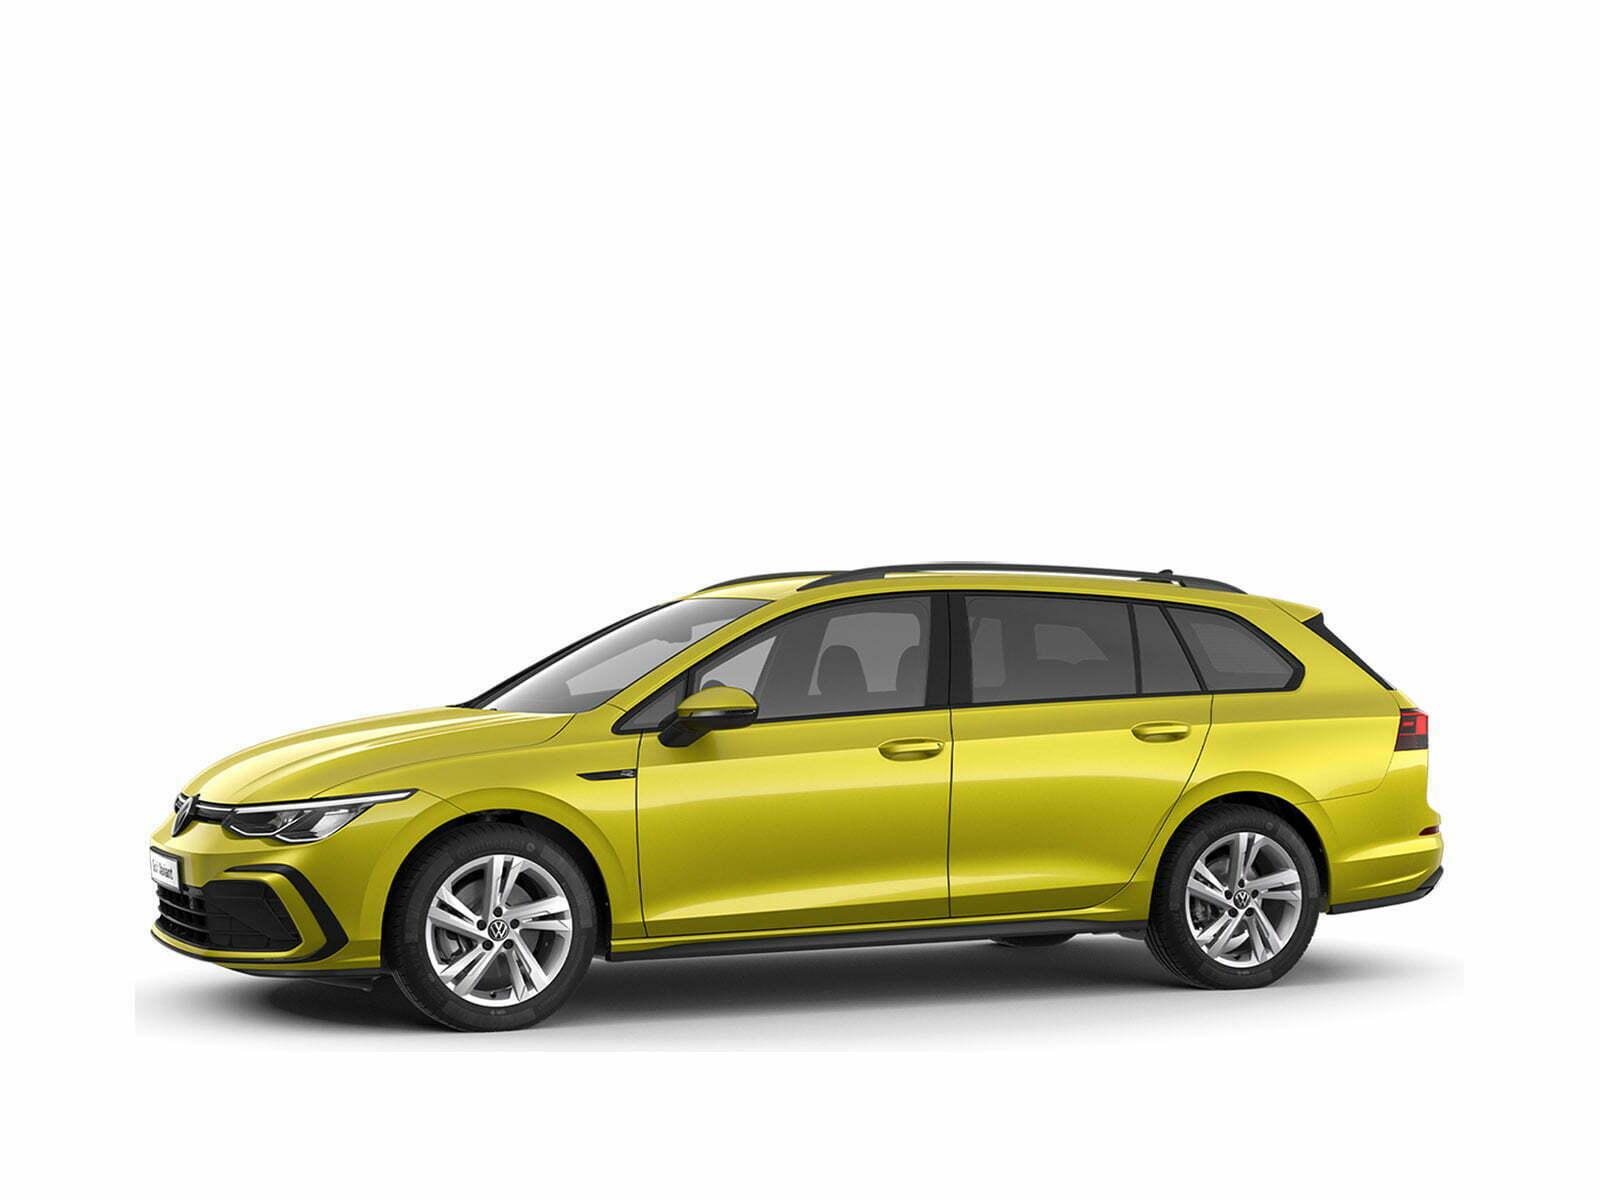 Volkswagen Golf Variant 1.5 eTSI 110kW/150pk DSG R-Line 5d.